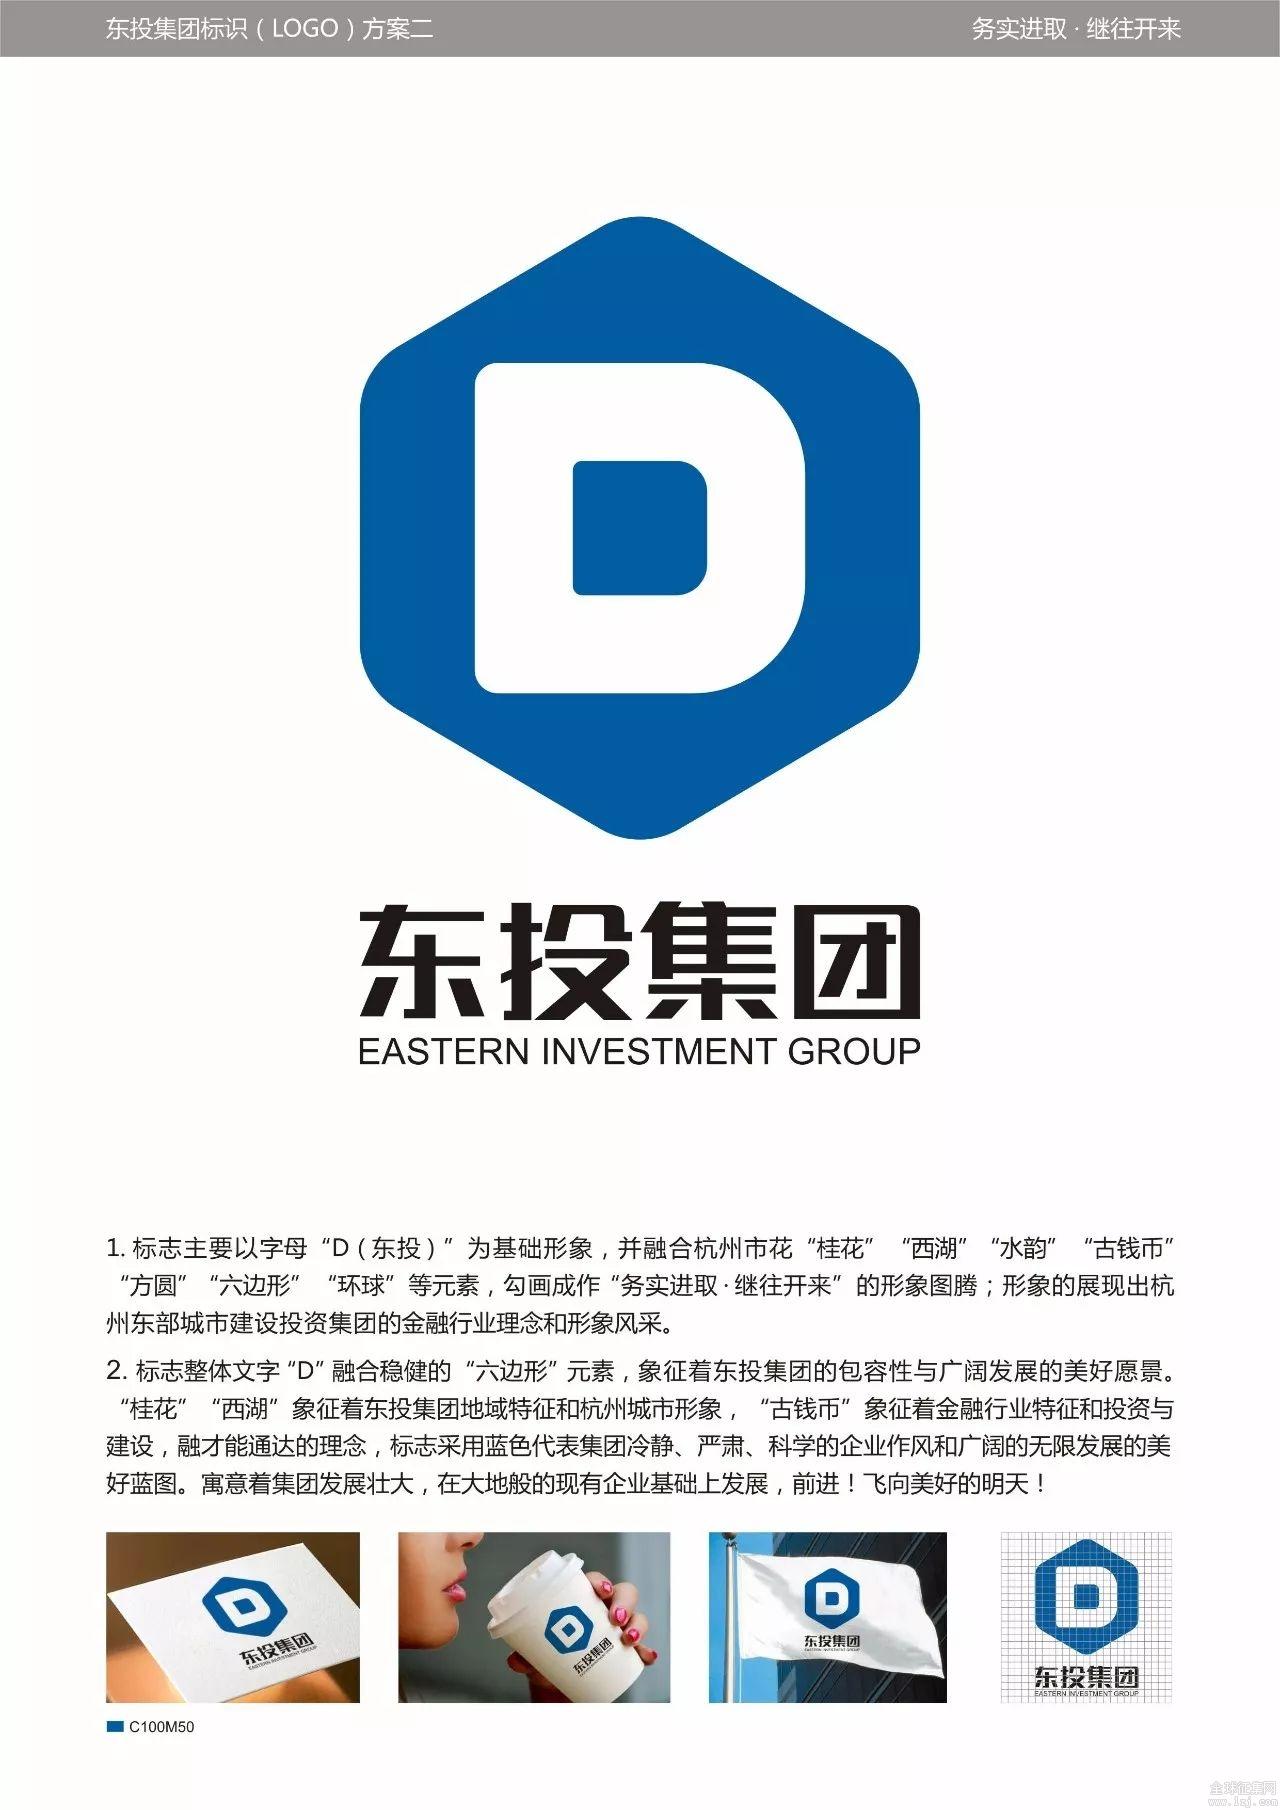 2017东投集团LOGO征集设计大赛冠军究竟花落谁家